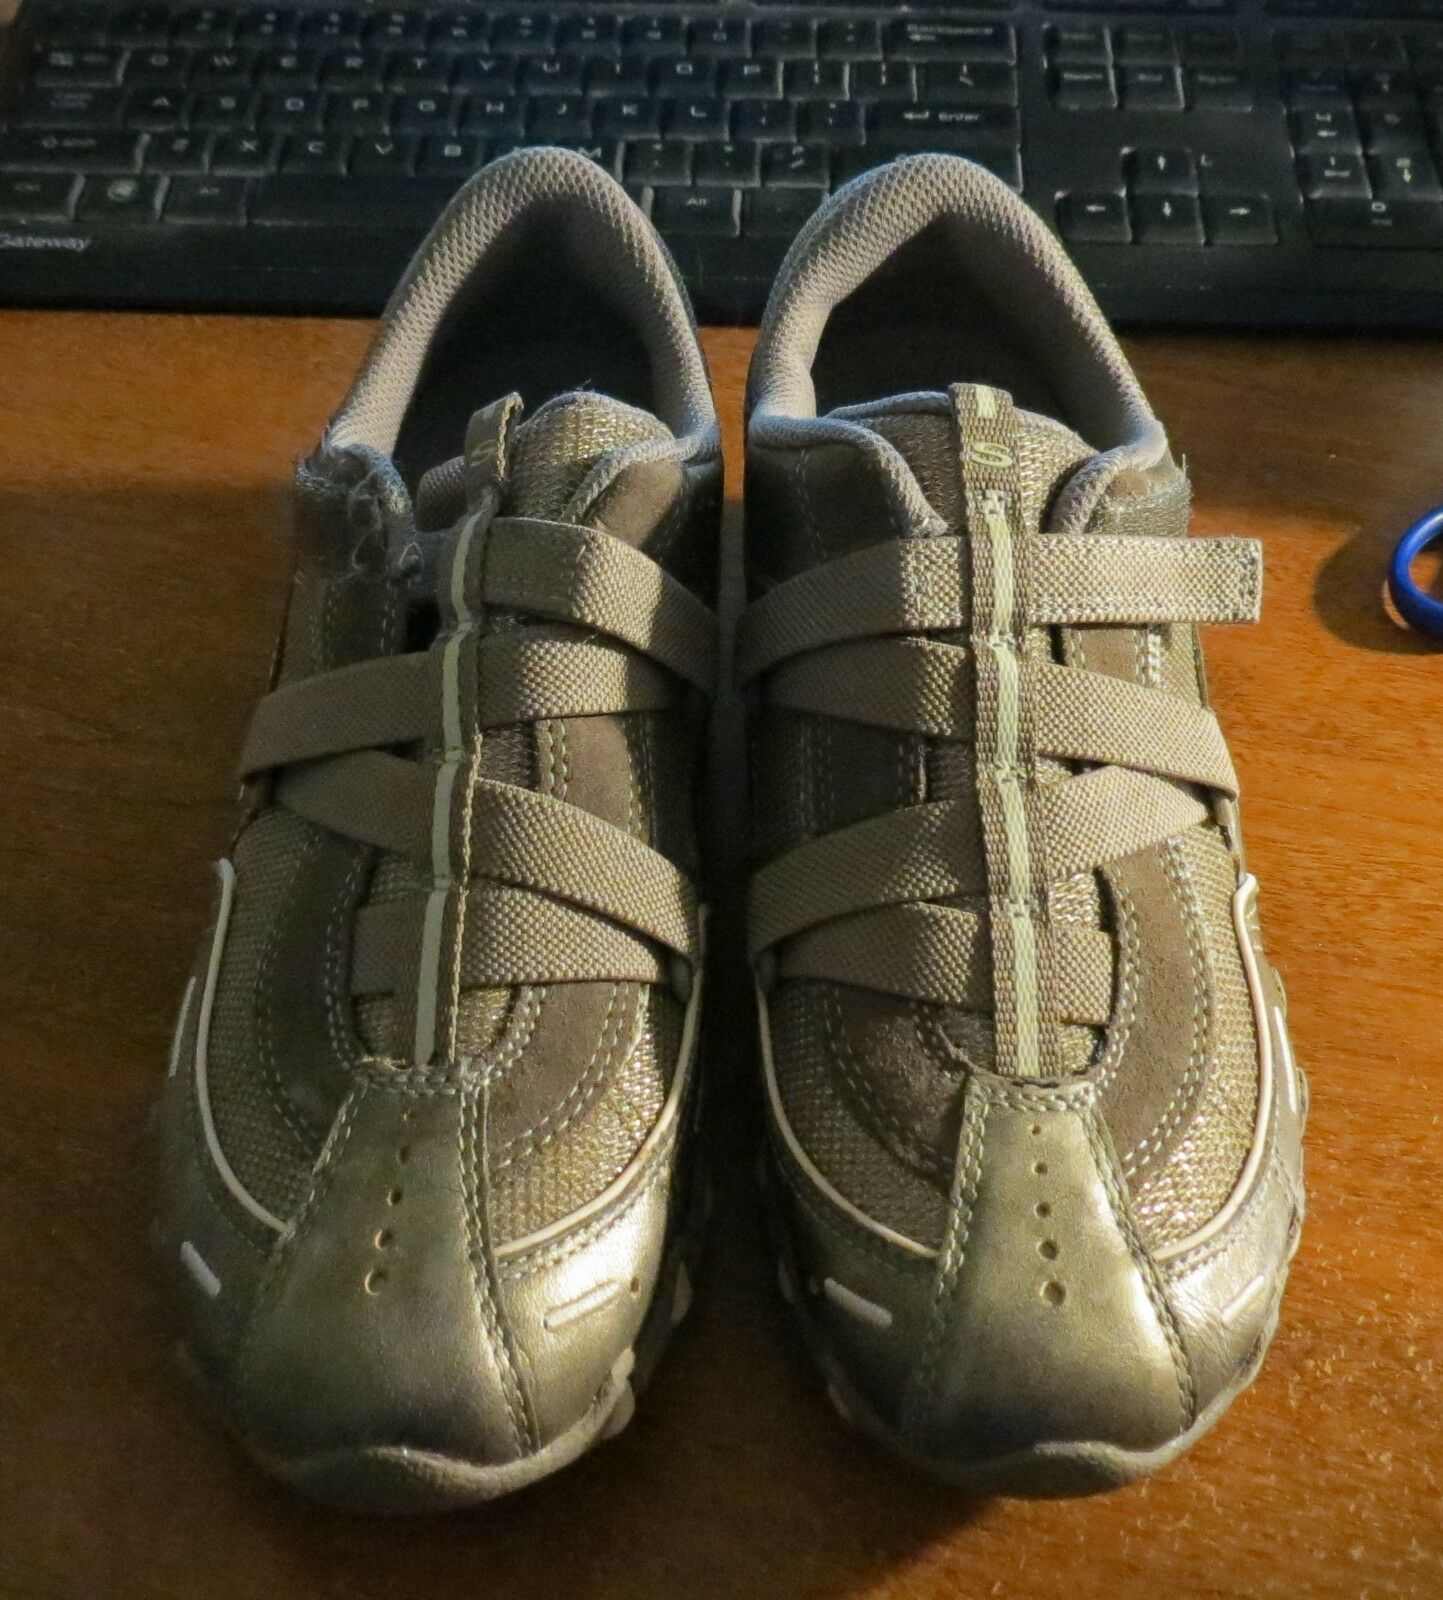 Skechers oro 7.5 Strap Metallic Tennis Athletic scarpe sz 7.5 oro hook loop bdd57b